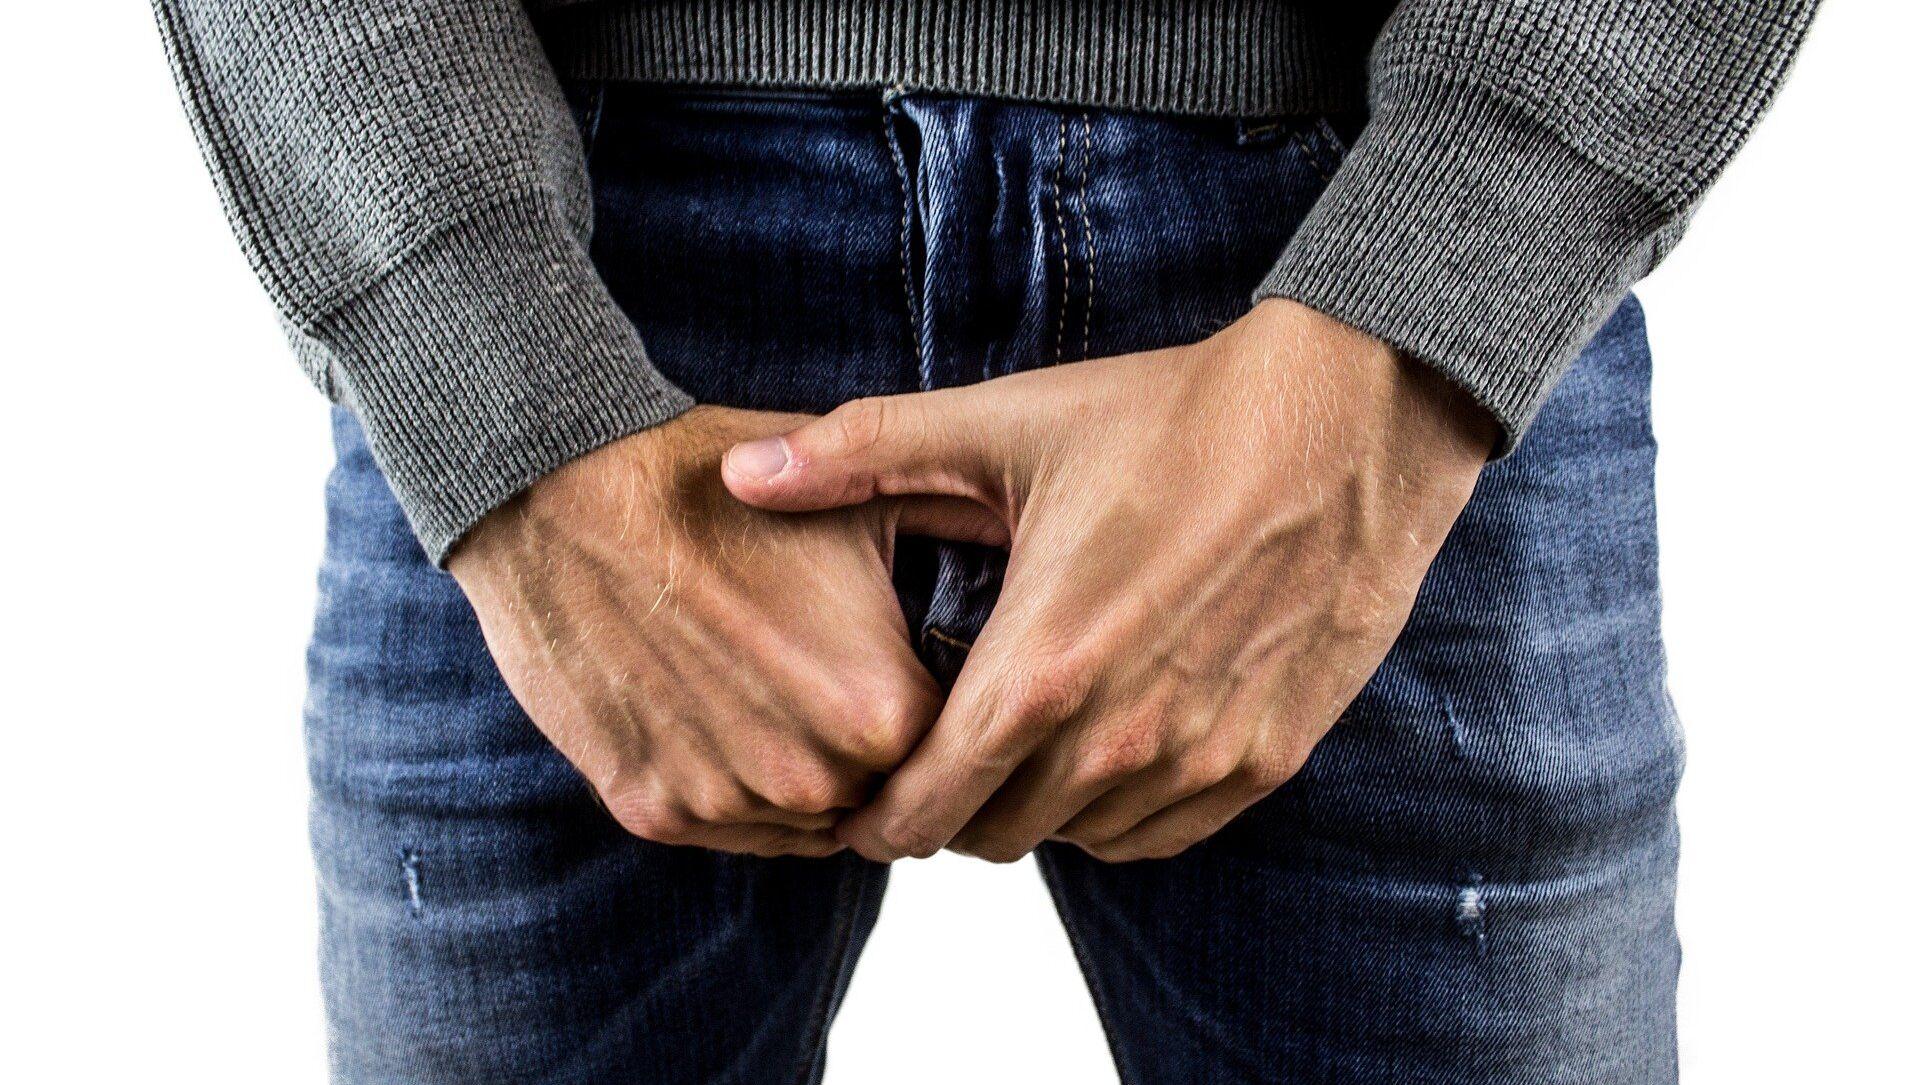 spełniam mnie tylko duże penisy jest to szkodliwe częste erekcję